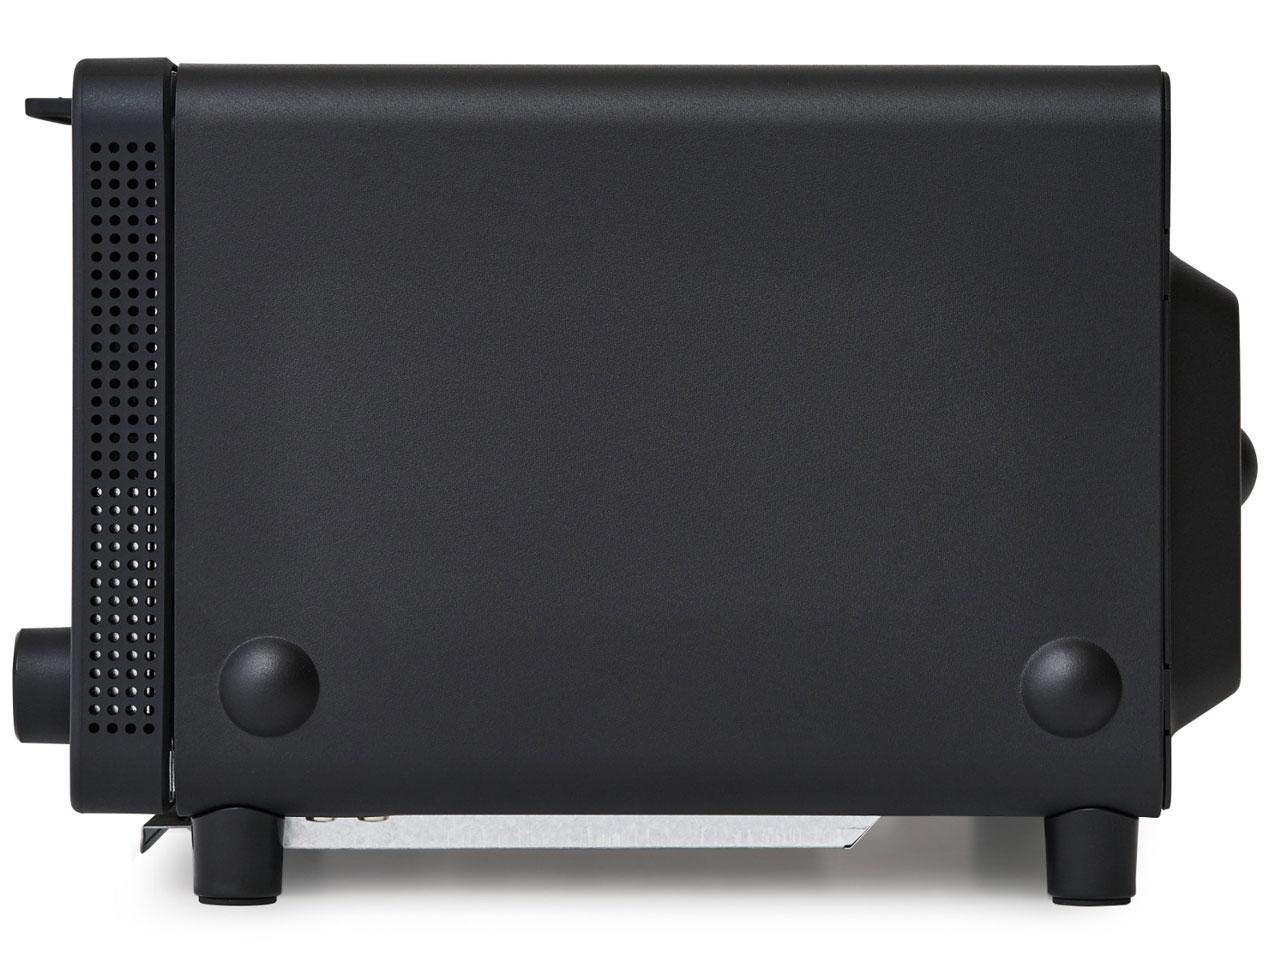 【BALMUDA The Toaster 】(バルミューダ ザ・トースター) ブラックK05A-BK